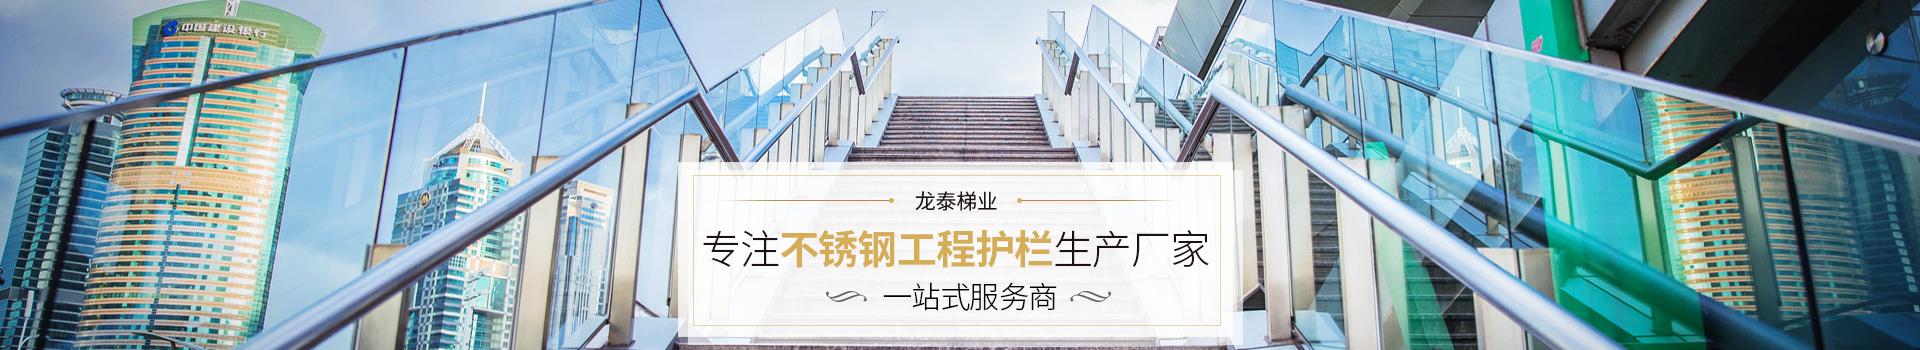 龙泰梯业-不锈钢护栏